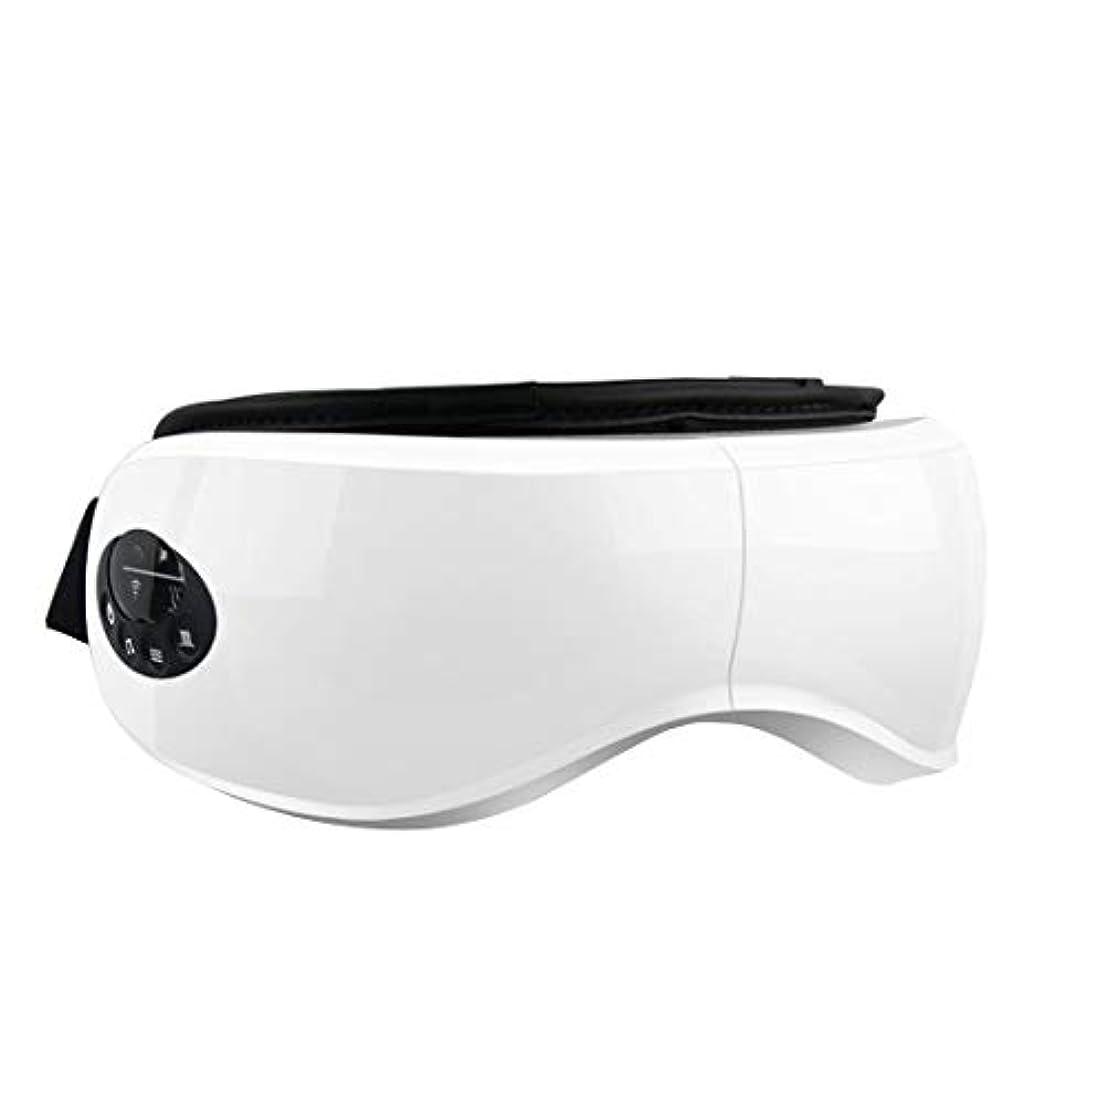 パネルシルク起点人民の東の道 空気圧振動を伴う電気アイテンプルマッサージアイリラックス視力治療のための熱圧迫ストレス疲労